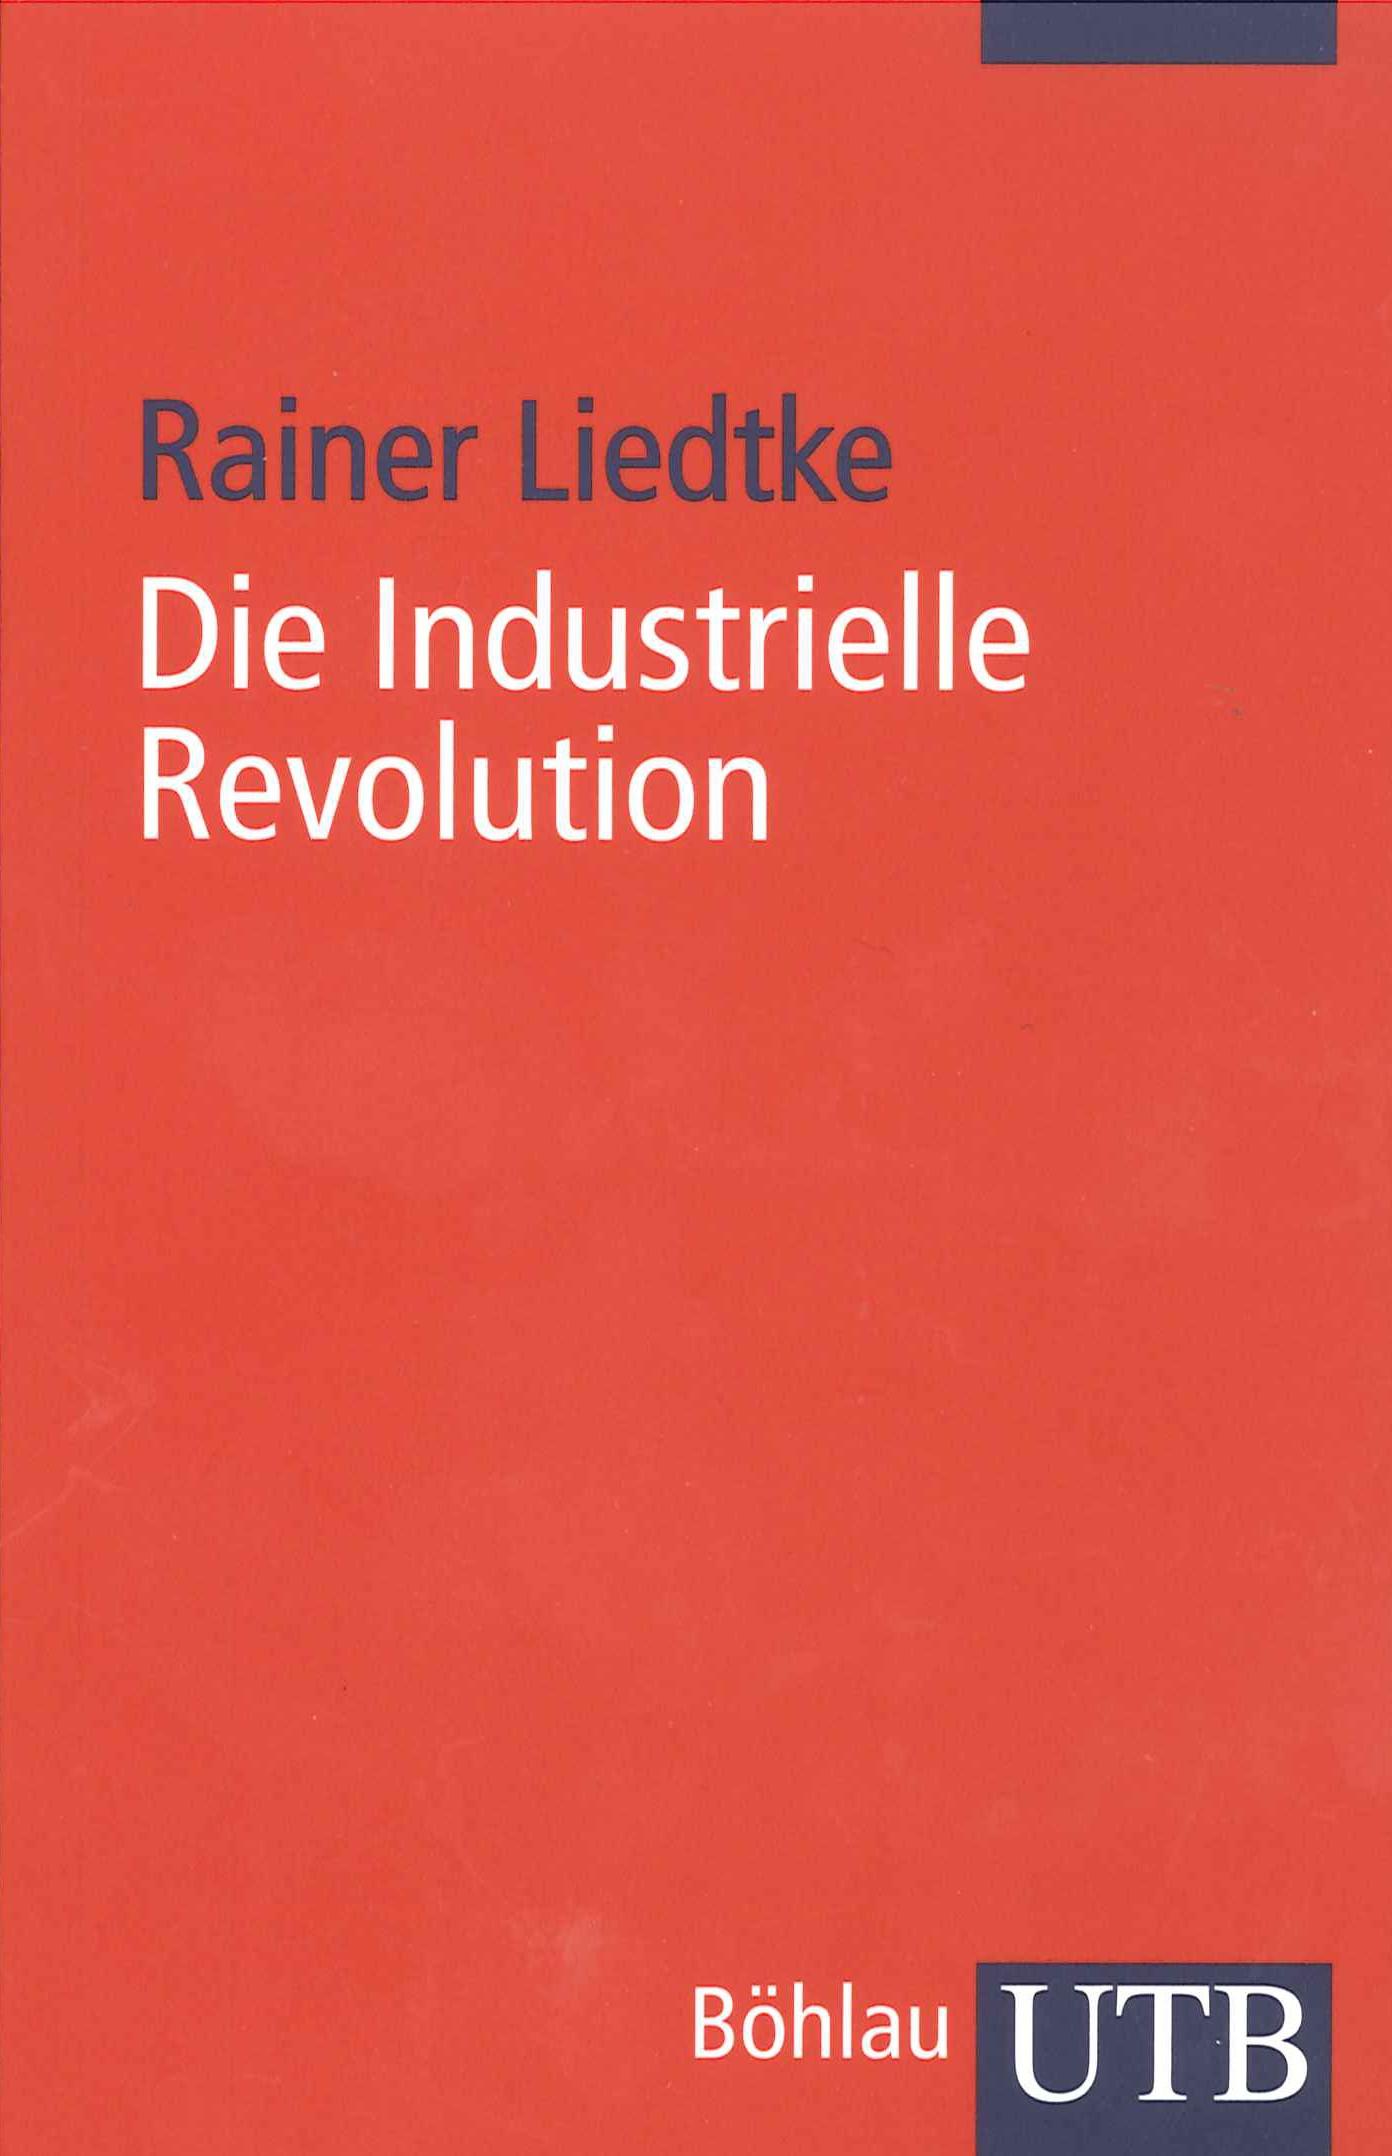 Die Industrielle Revolution | Liedtke, 2012 | Buch (Cover)